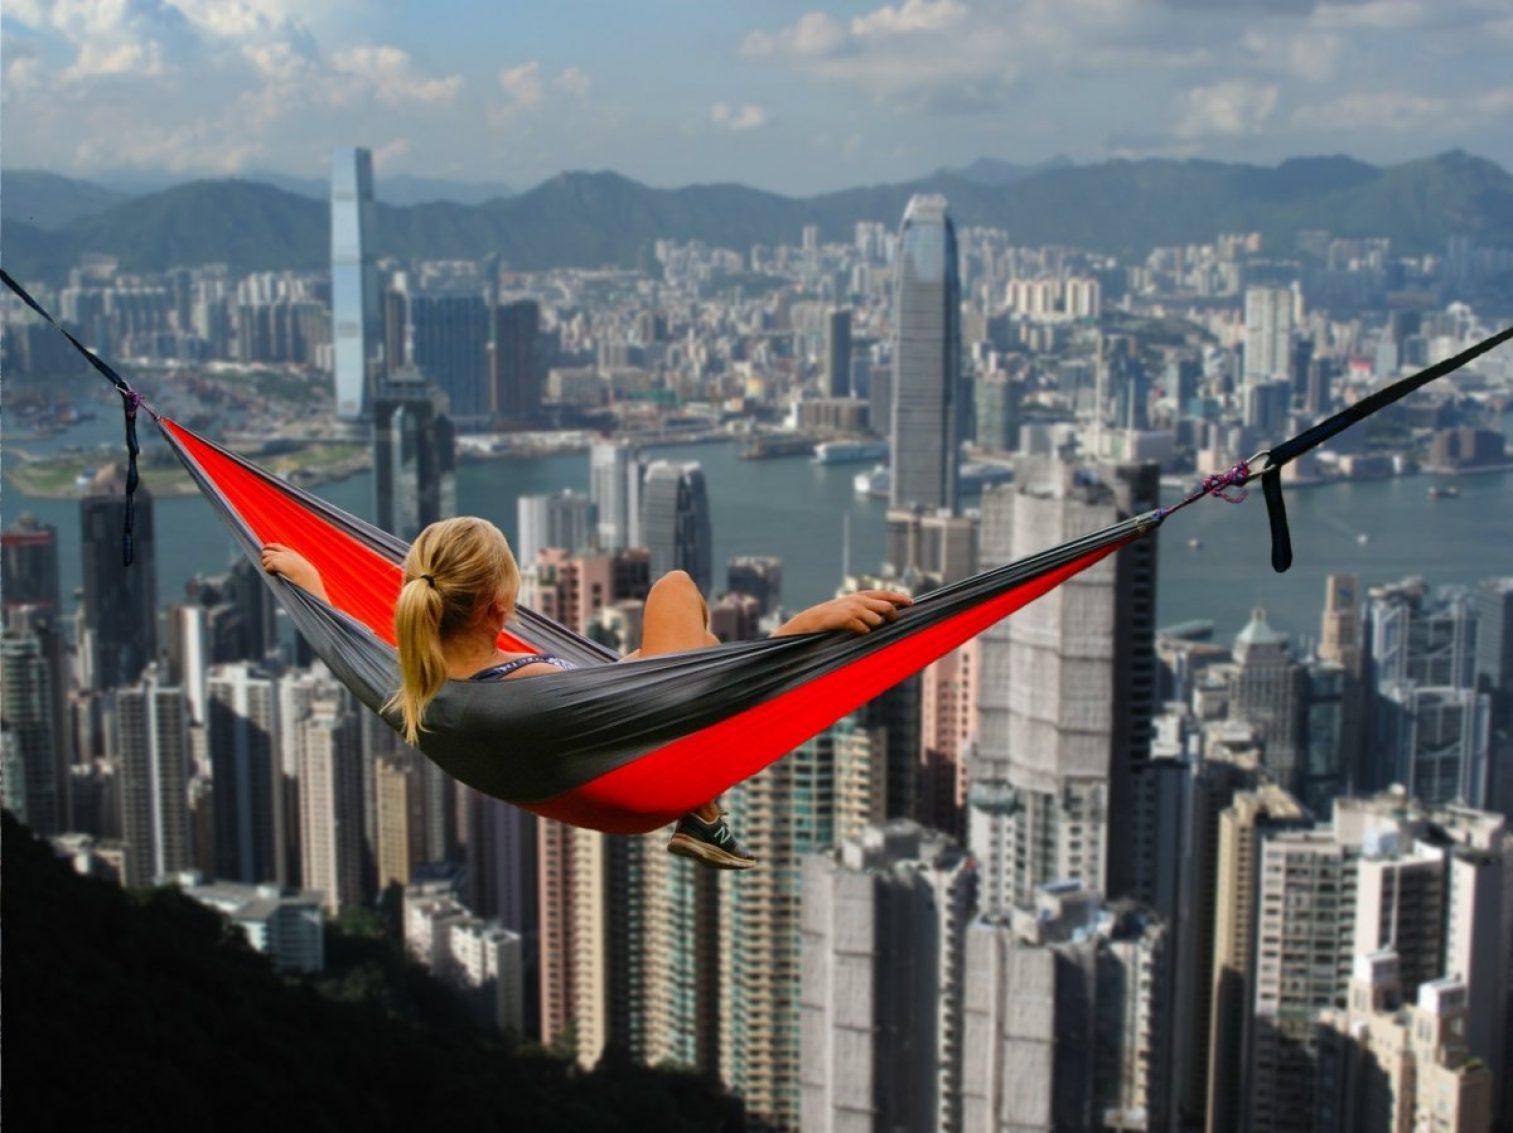 hong kong, hammock, girl